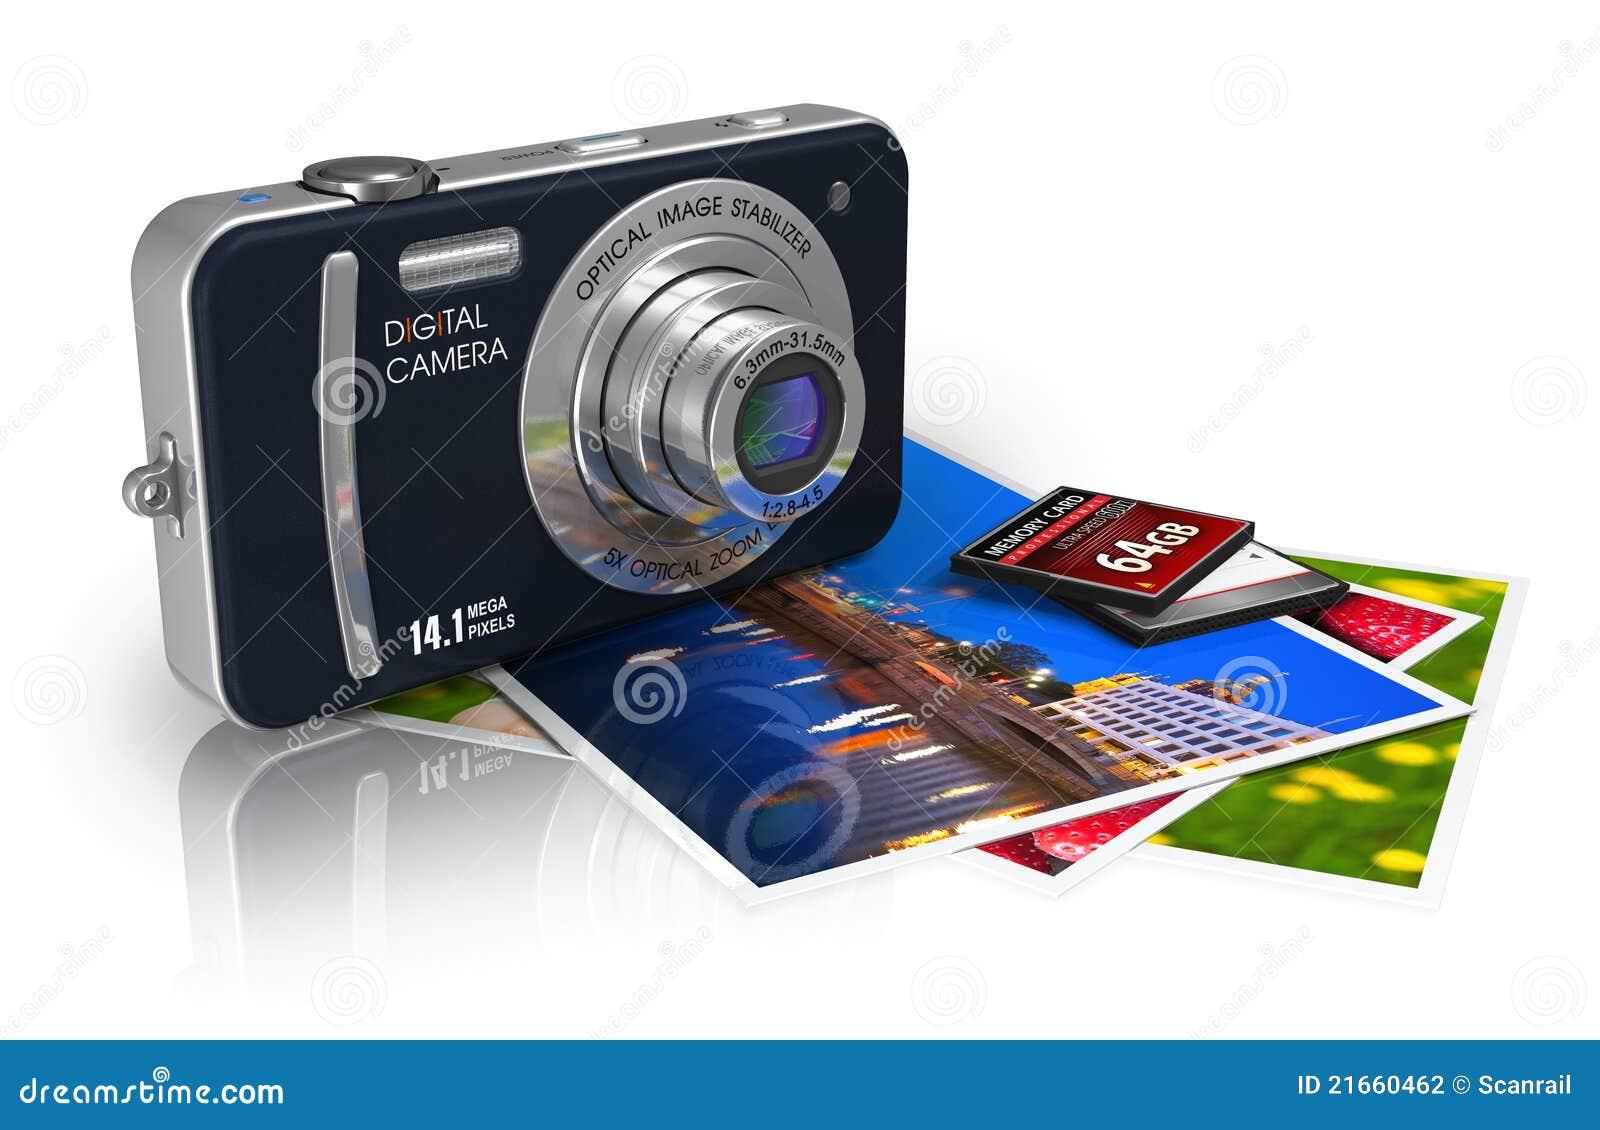 Come scegliere la fotocamera digitale | Come Fare Tutto